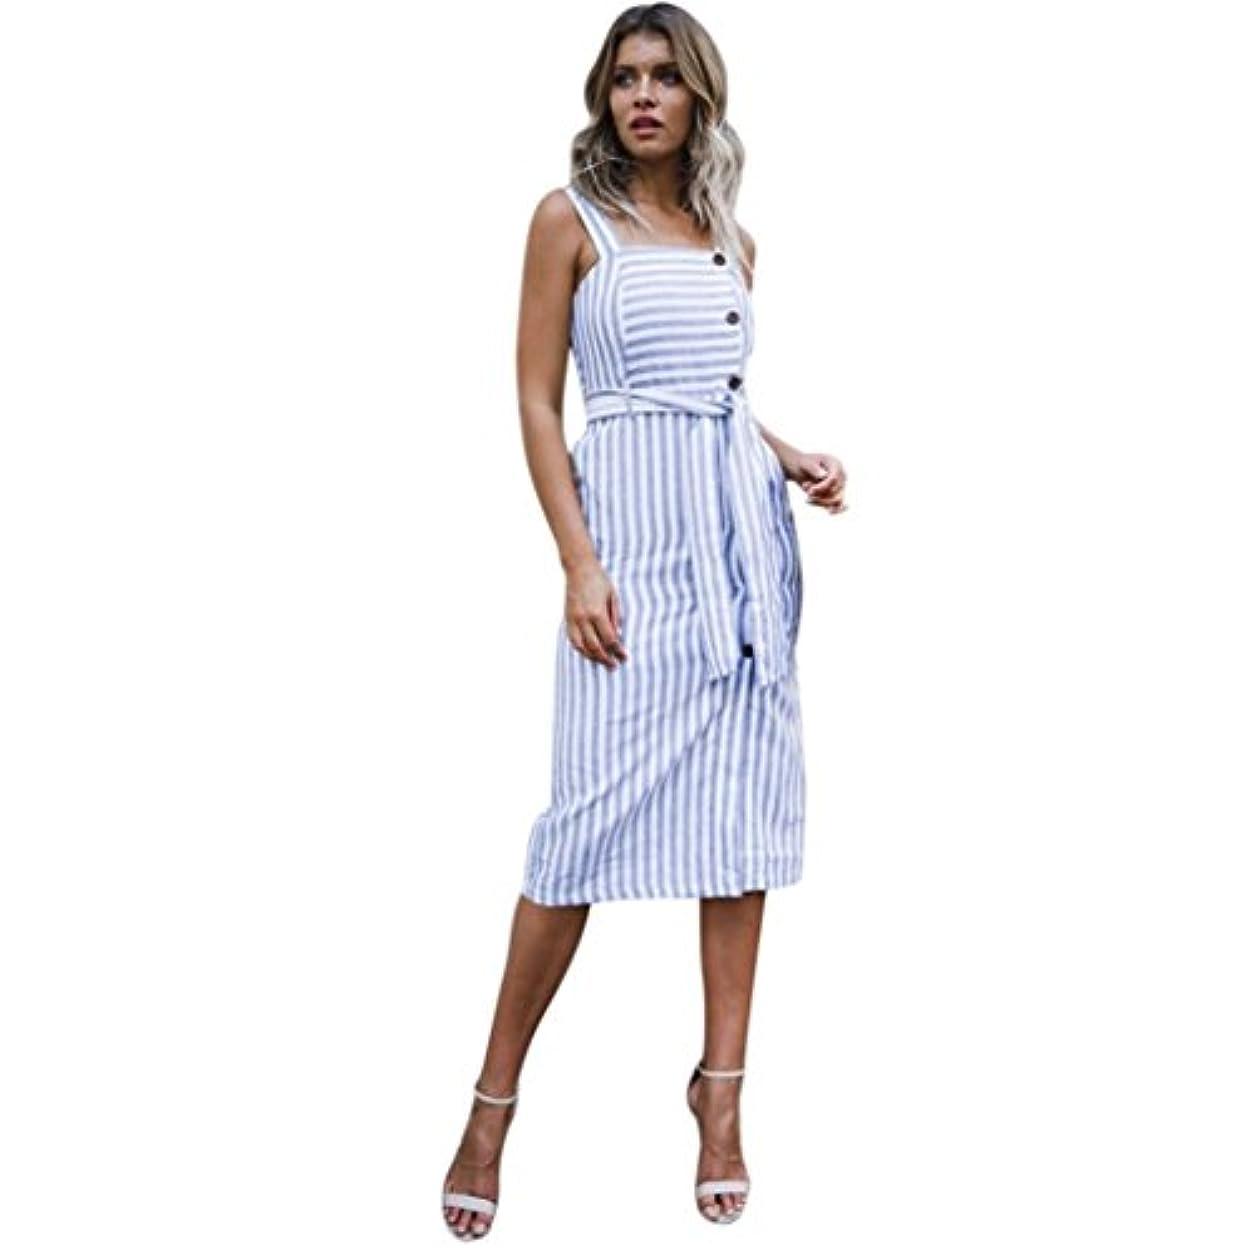 ルビー目立つ後者SakuraBest Womens Summer Striped Button Down Dress,Shoulder Strap Knee-Length Dress for Girls (M)